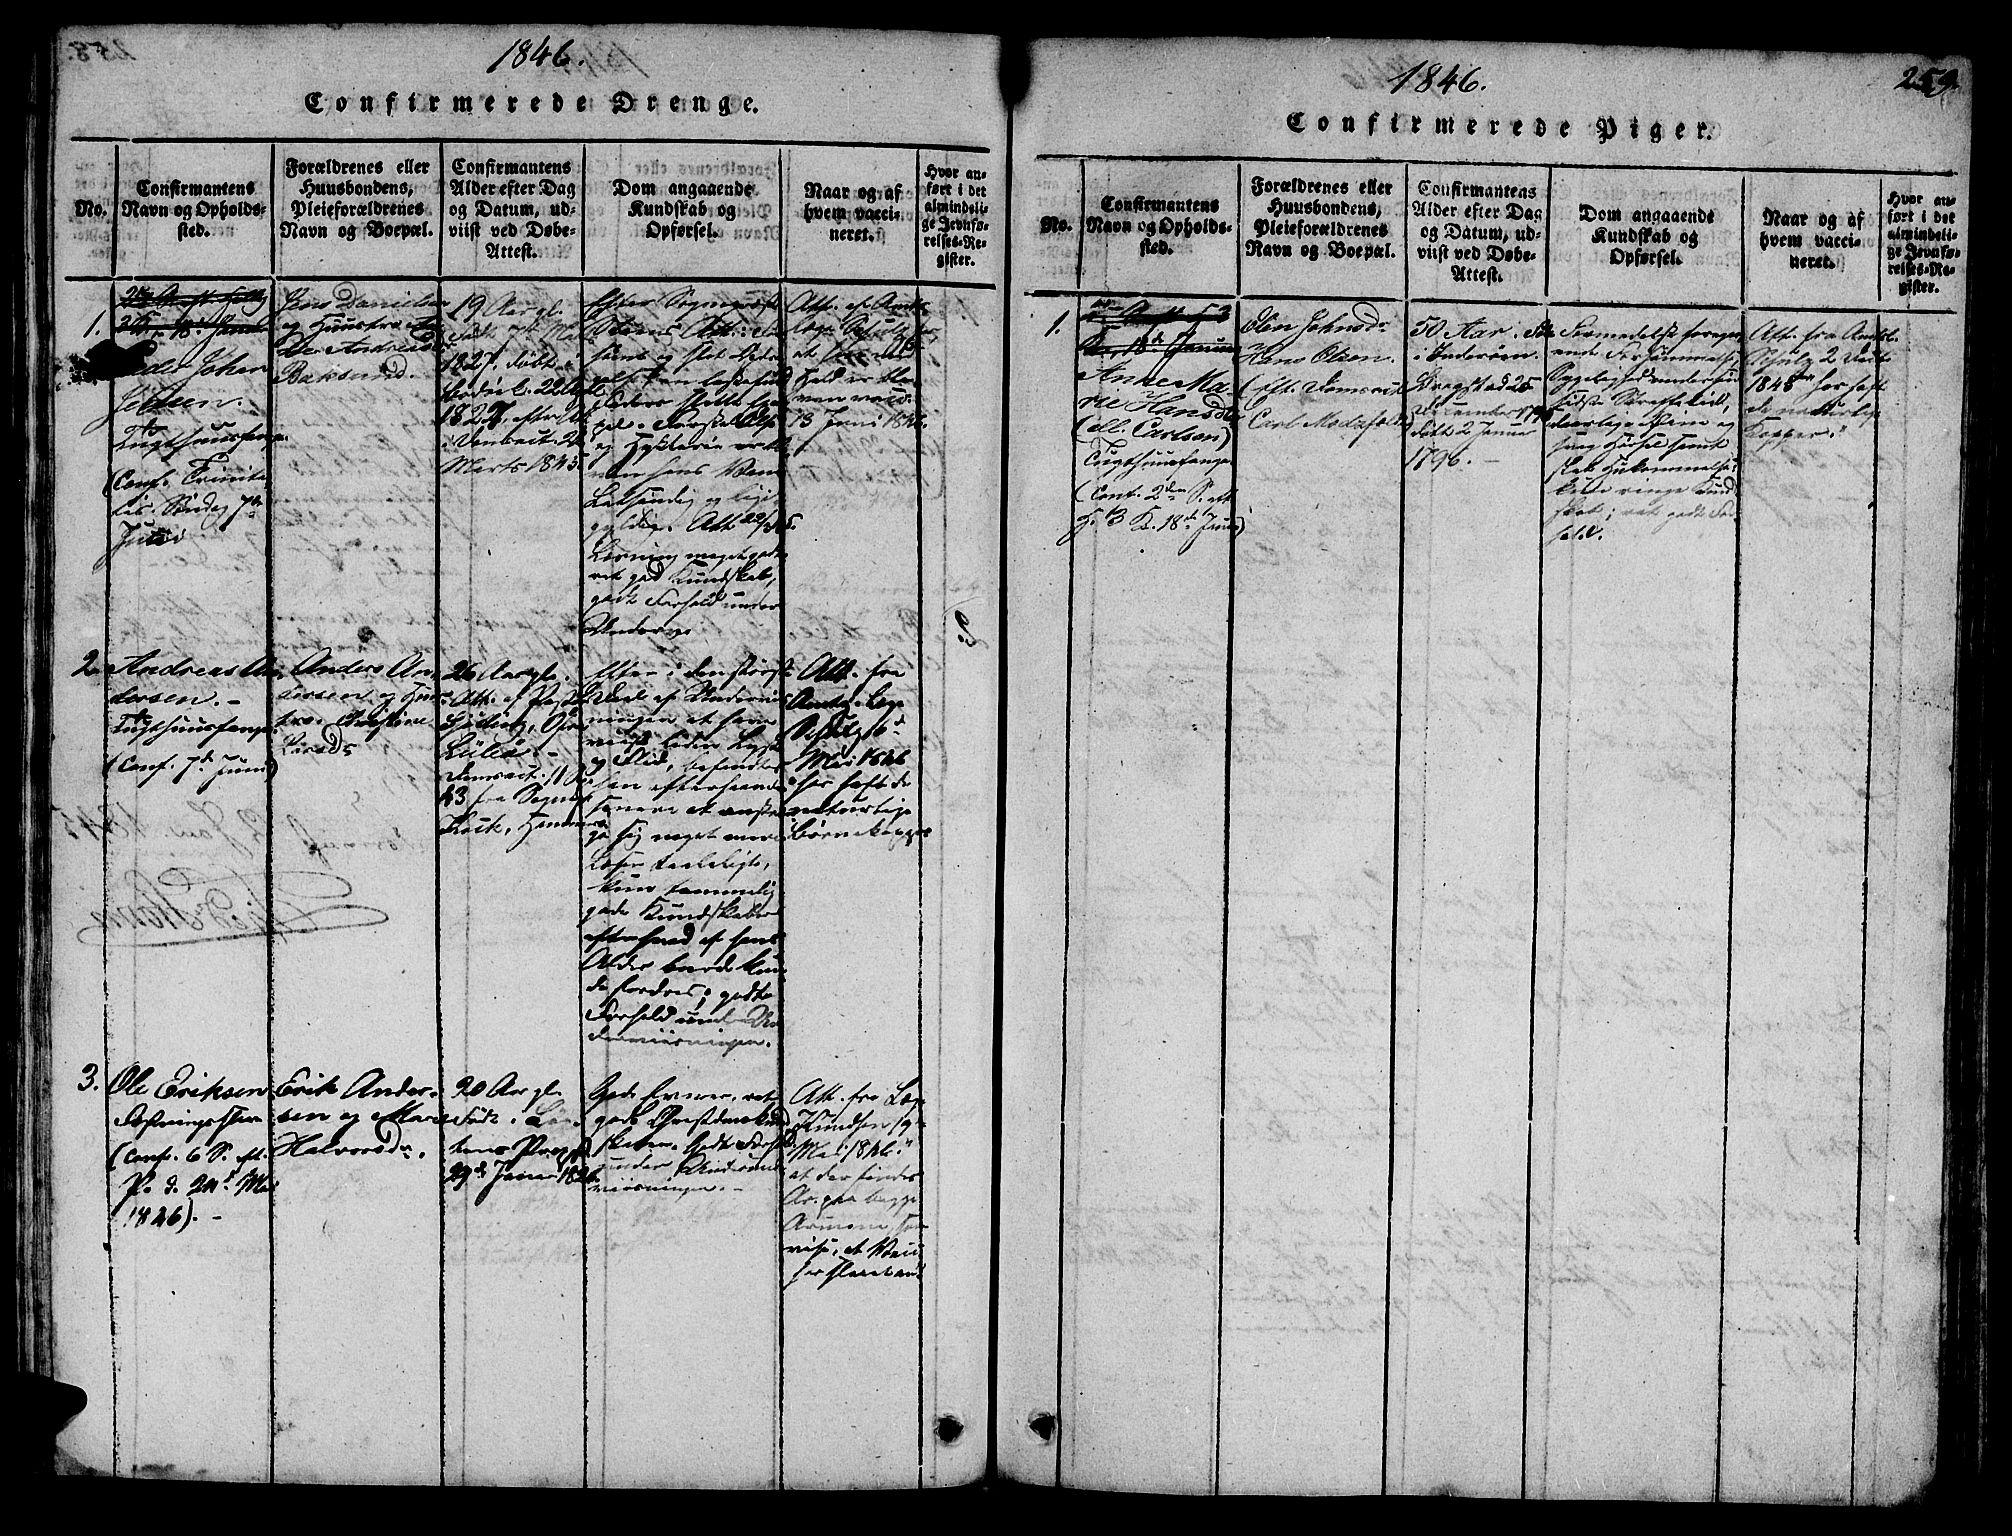 SAT, Ministerialprotokoller, klokkerbøker og fødselsregistre - Sør-Trøndelag, 623/L0478: Klokkerbok nr. 623C01, 1815-1873, s. 259